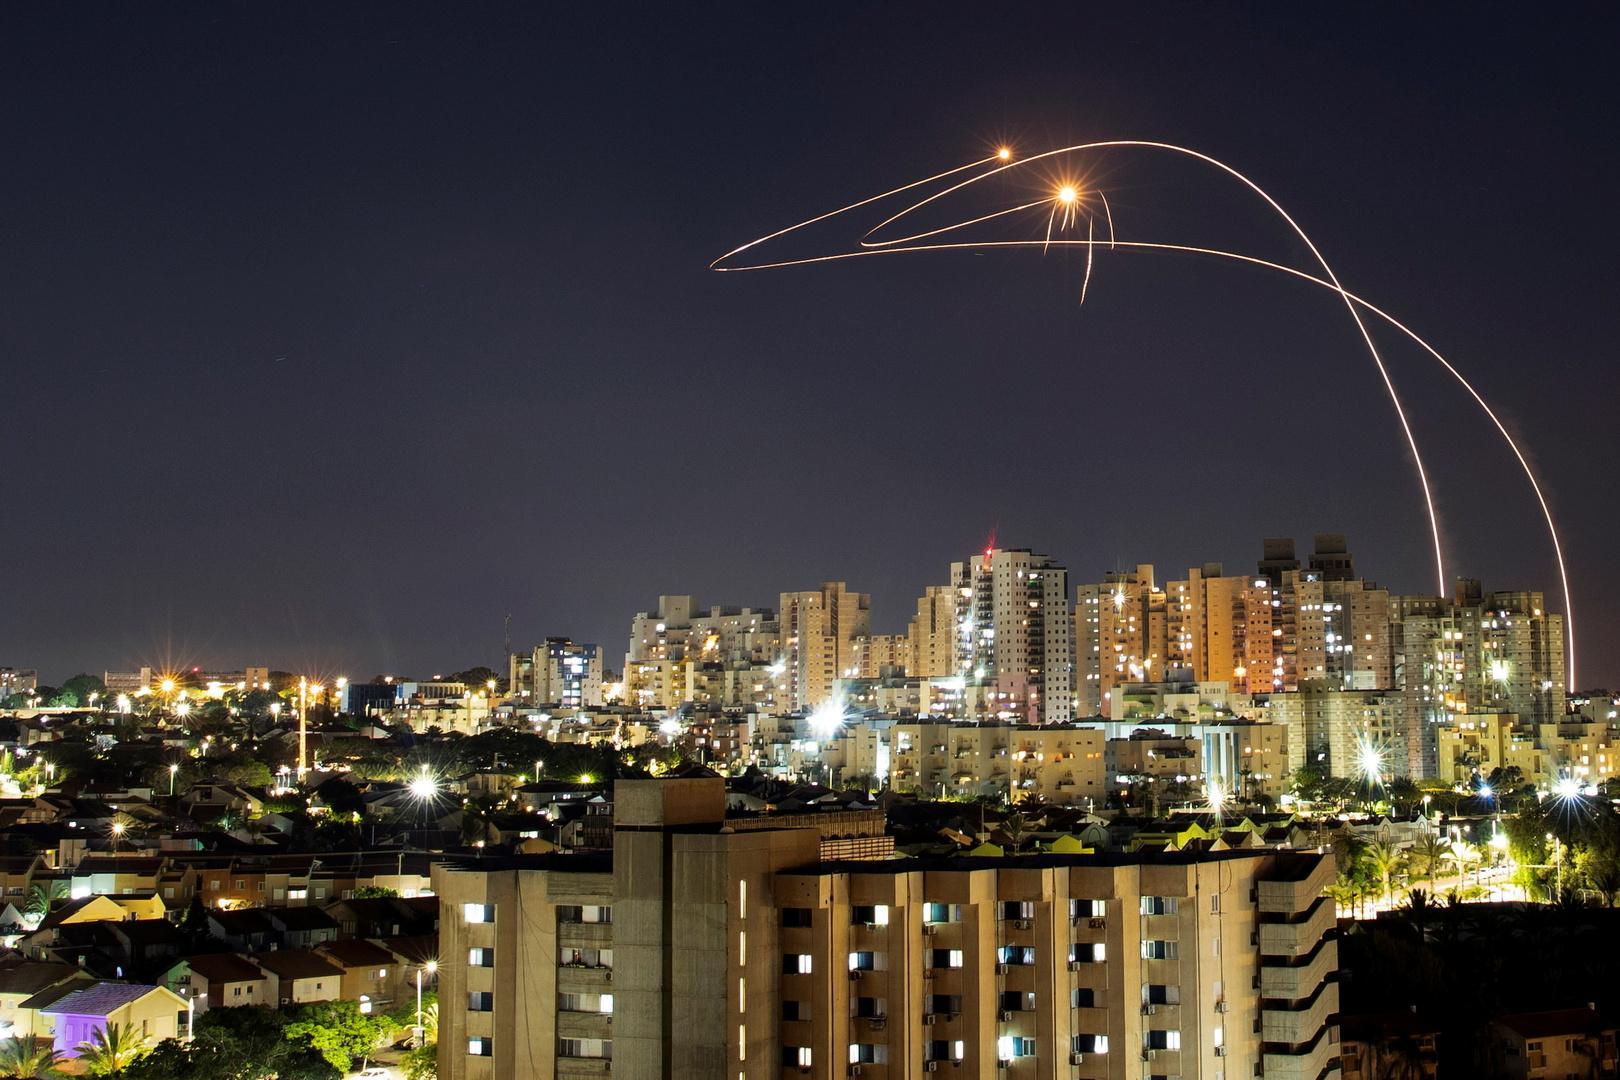 الجيش الإسرائيلي: تم إطلاق 60 صاروخا من قطاع غزة باتجاه إسرائيل خلال الليلة الماضية